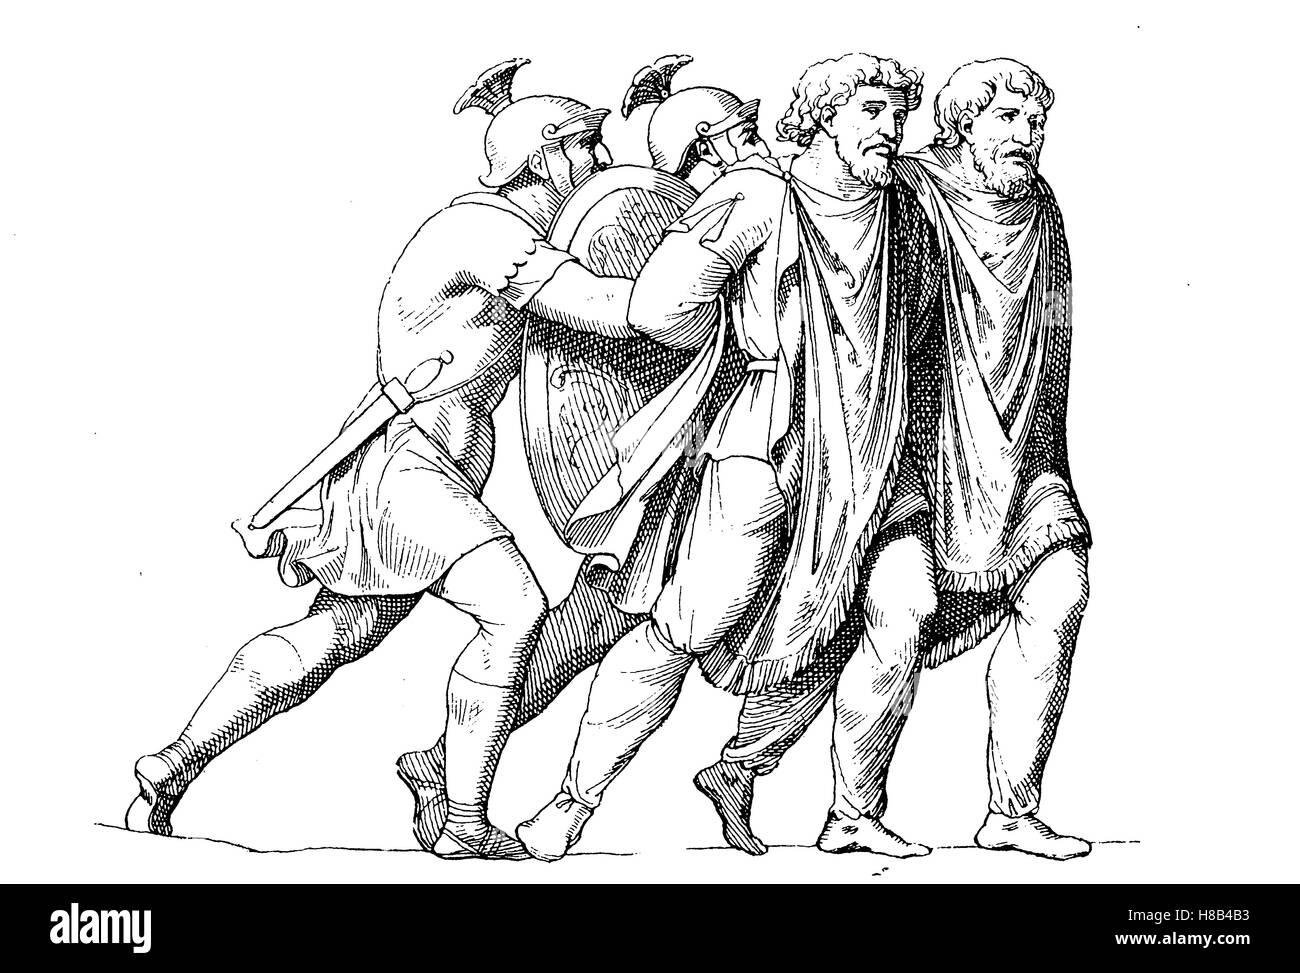 east germans as prisoners of roman soldiers 2 century history